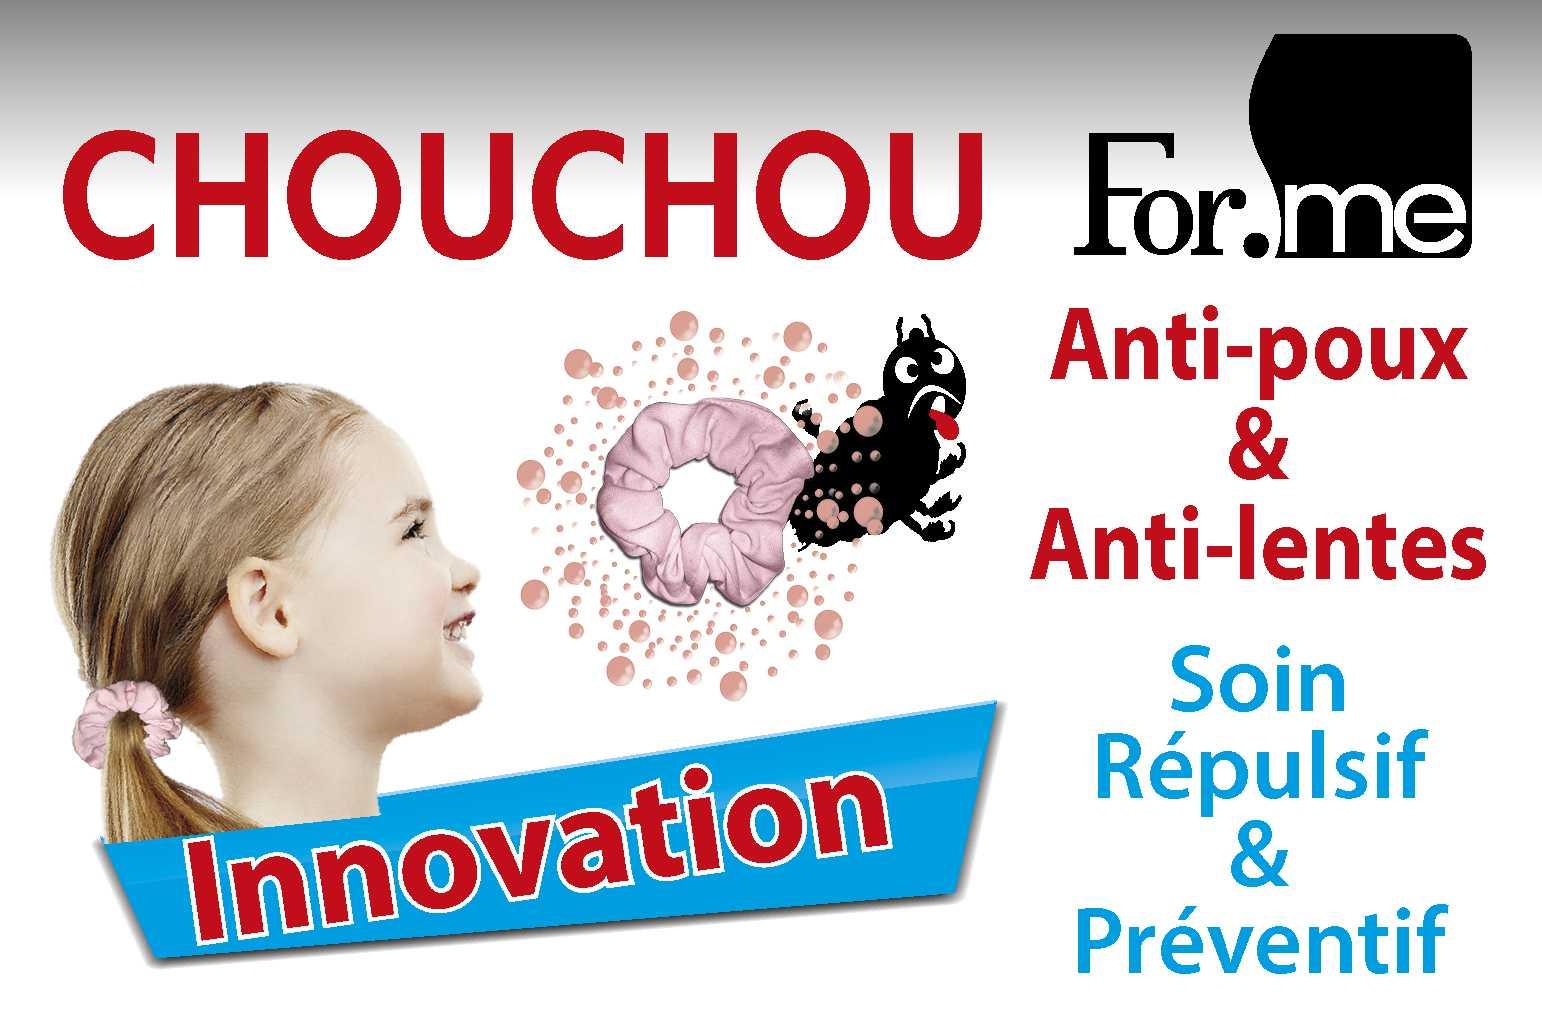 CHOUCHOU<Br> ANTI-POUX & ANTI-LENTES